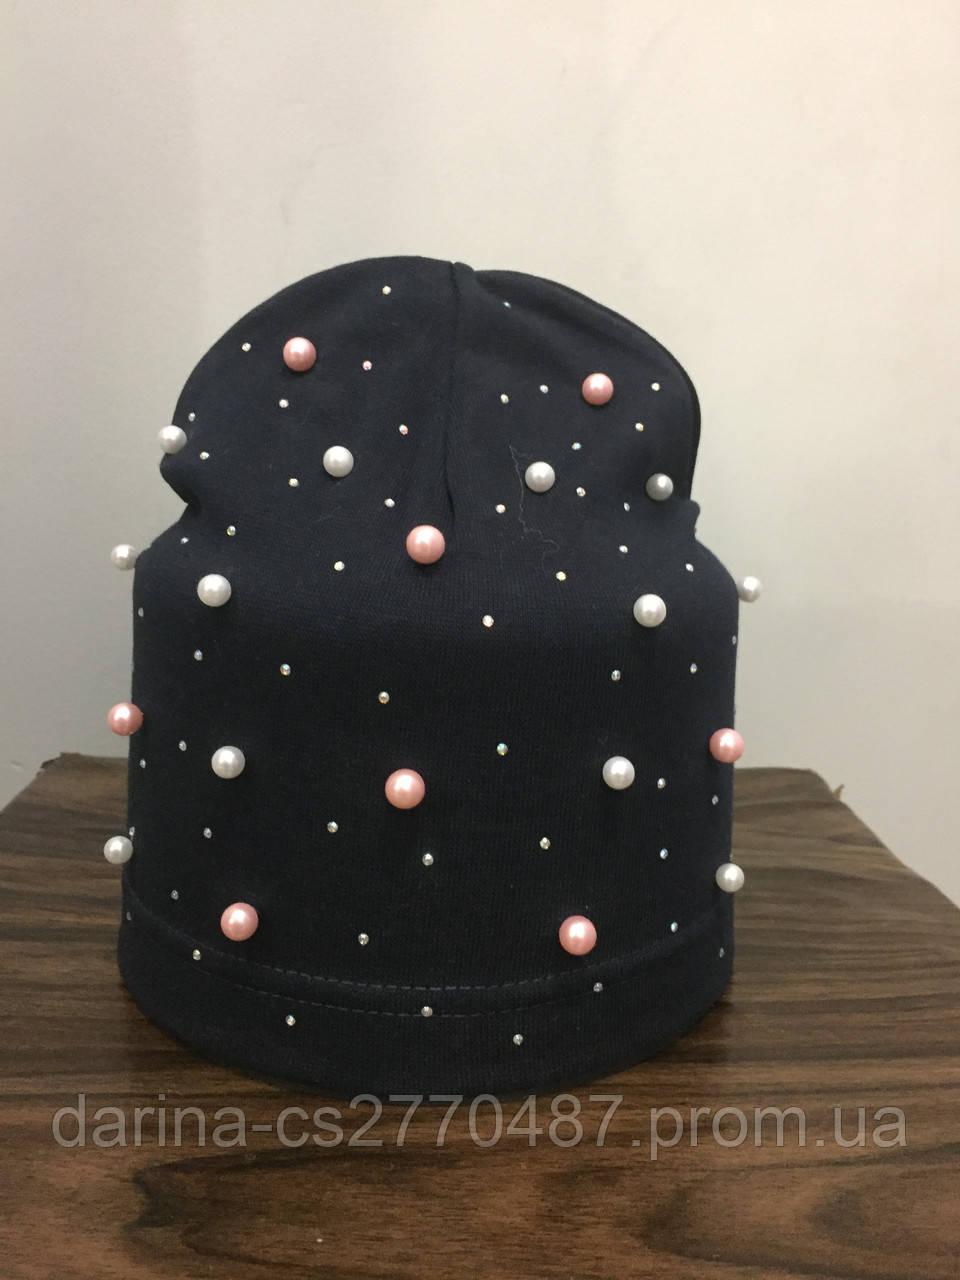 Подростковая шапка с бусинами для девочки